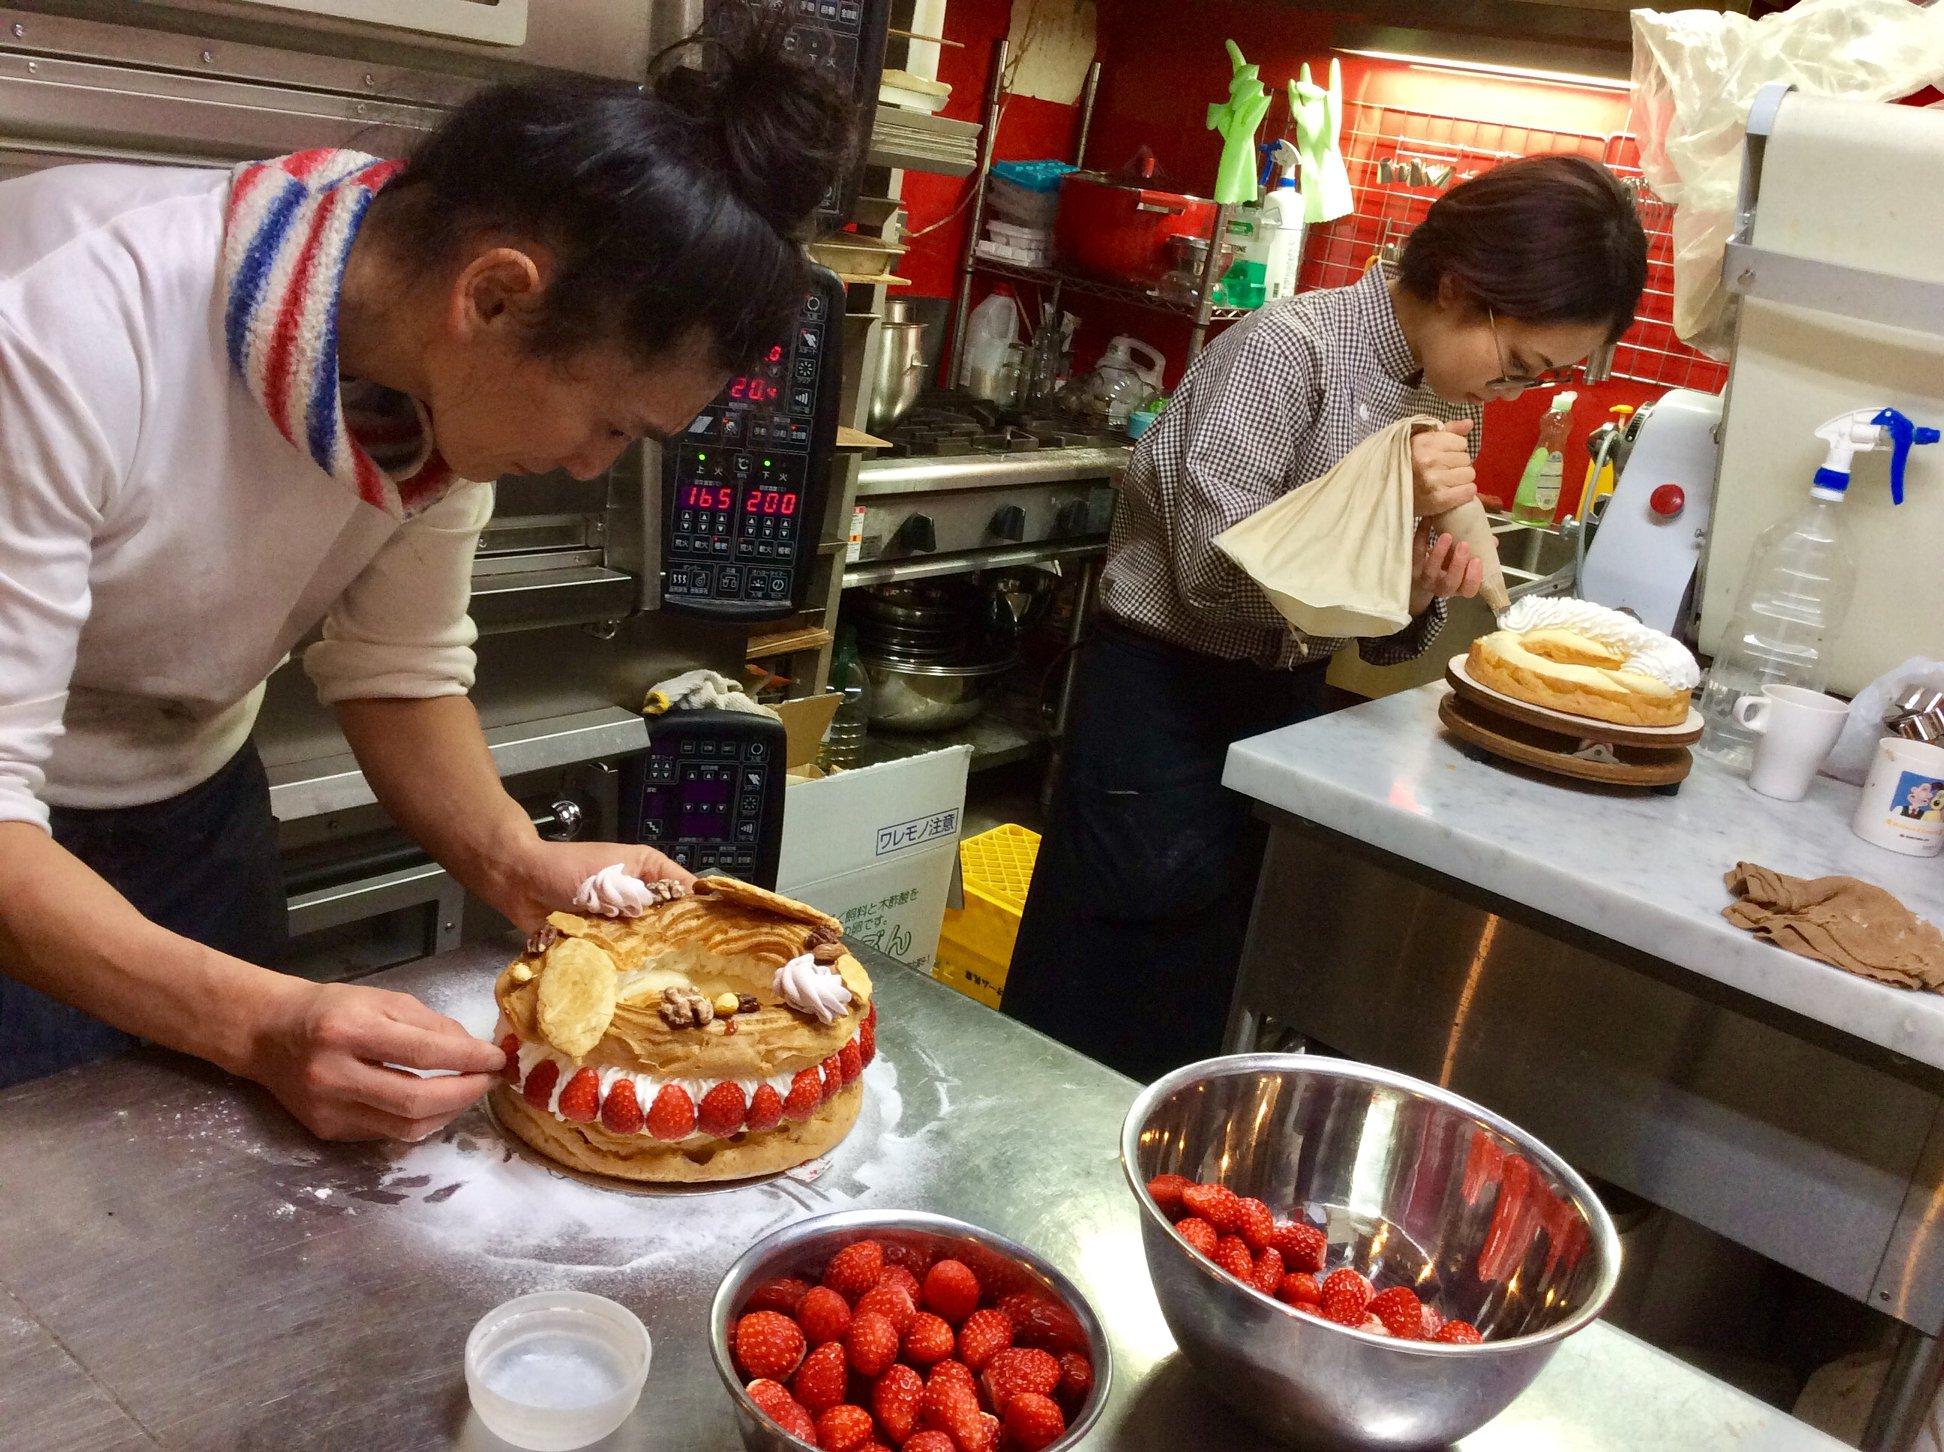 |東京|ゲストハウス|ケーキも食べれる! フランス菓子屋を手伝いながら浅草に住んでみませんか?